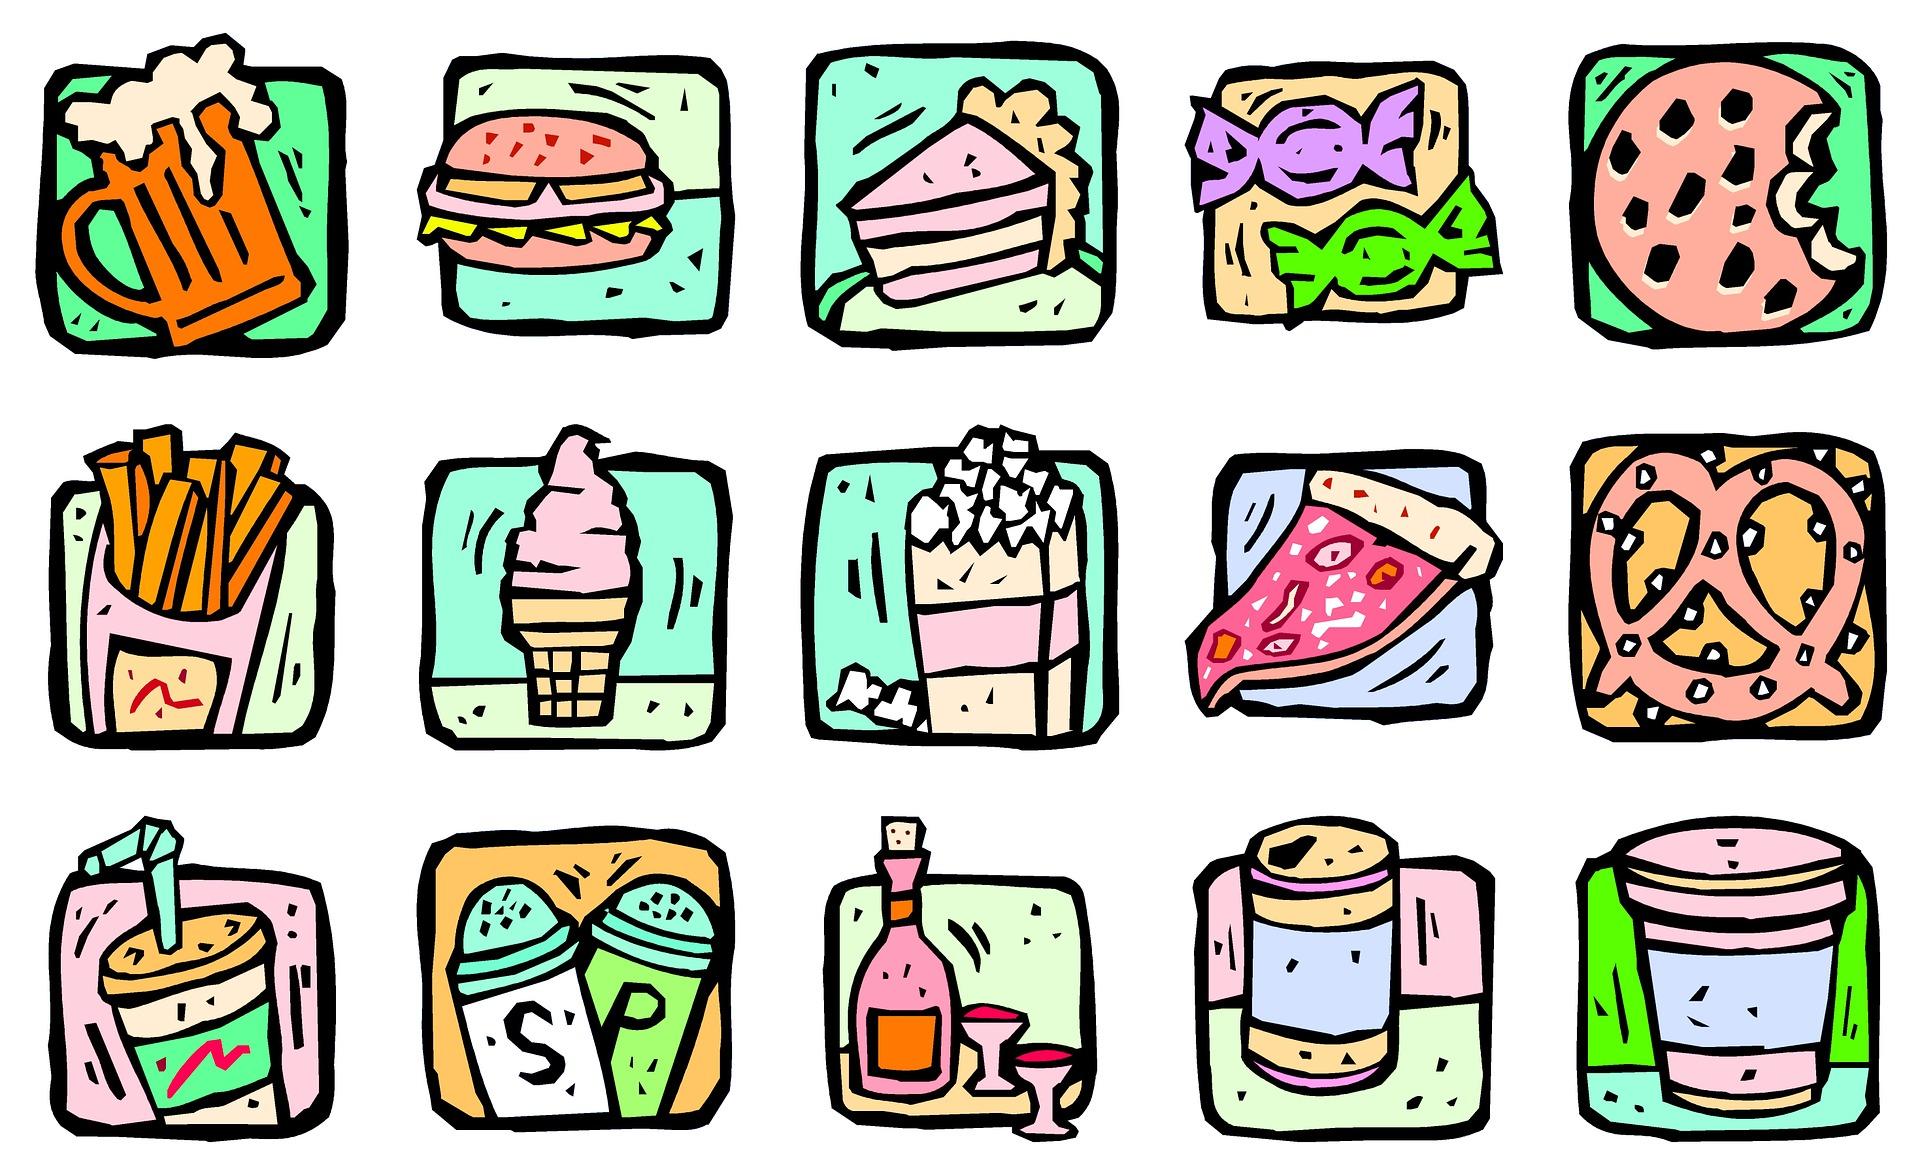 Exclua alimentos artificiais da sua alimentação.